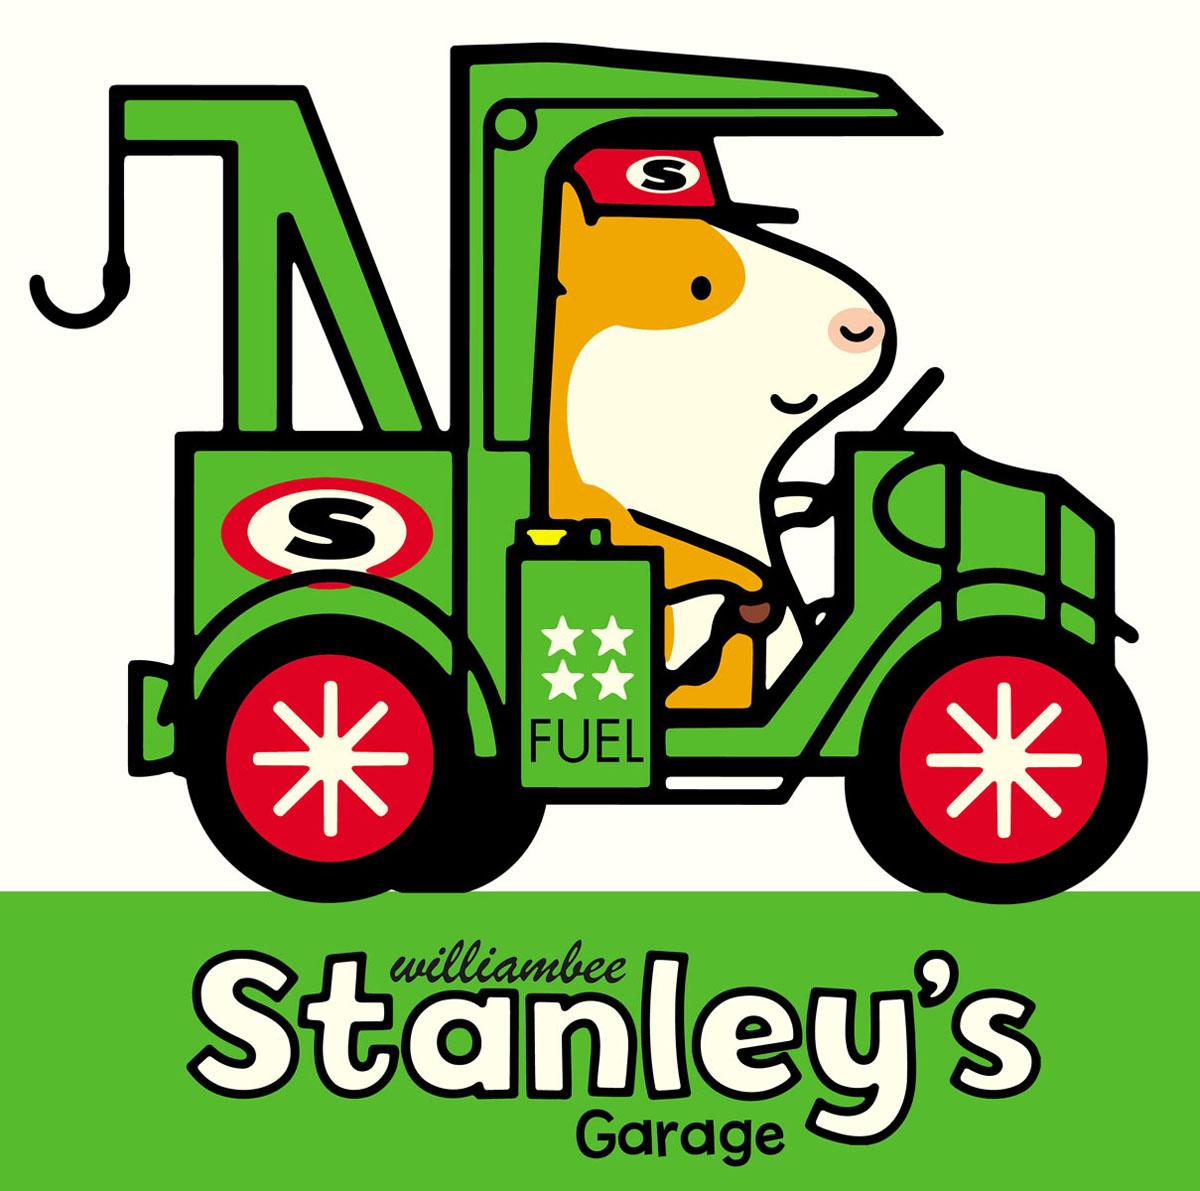 Stanley's Garage